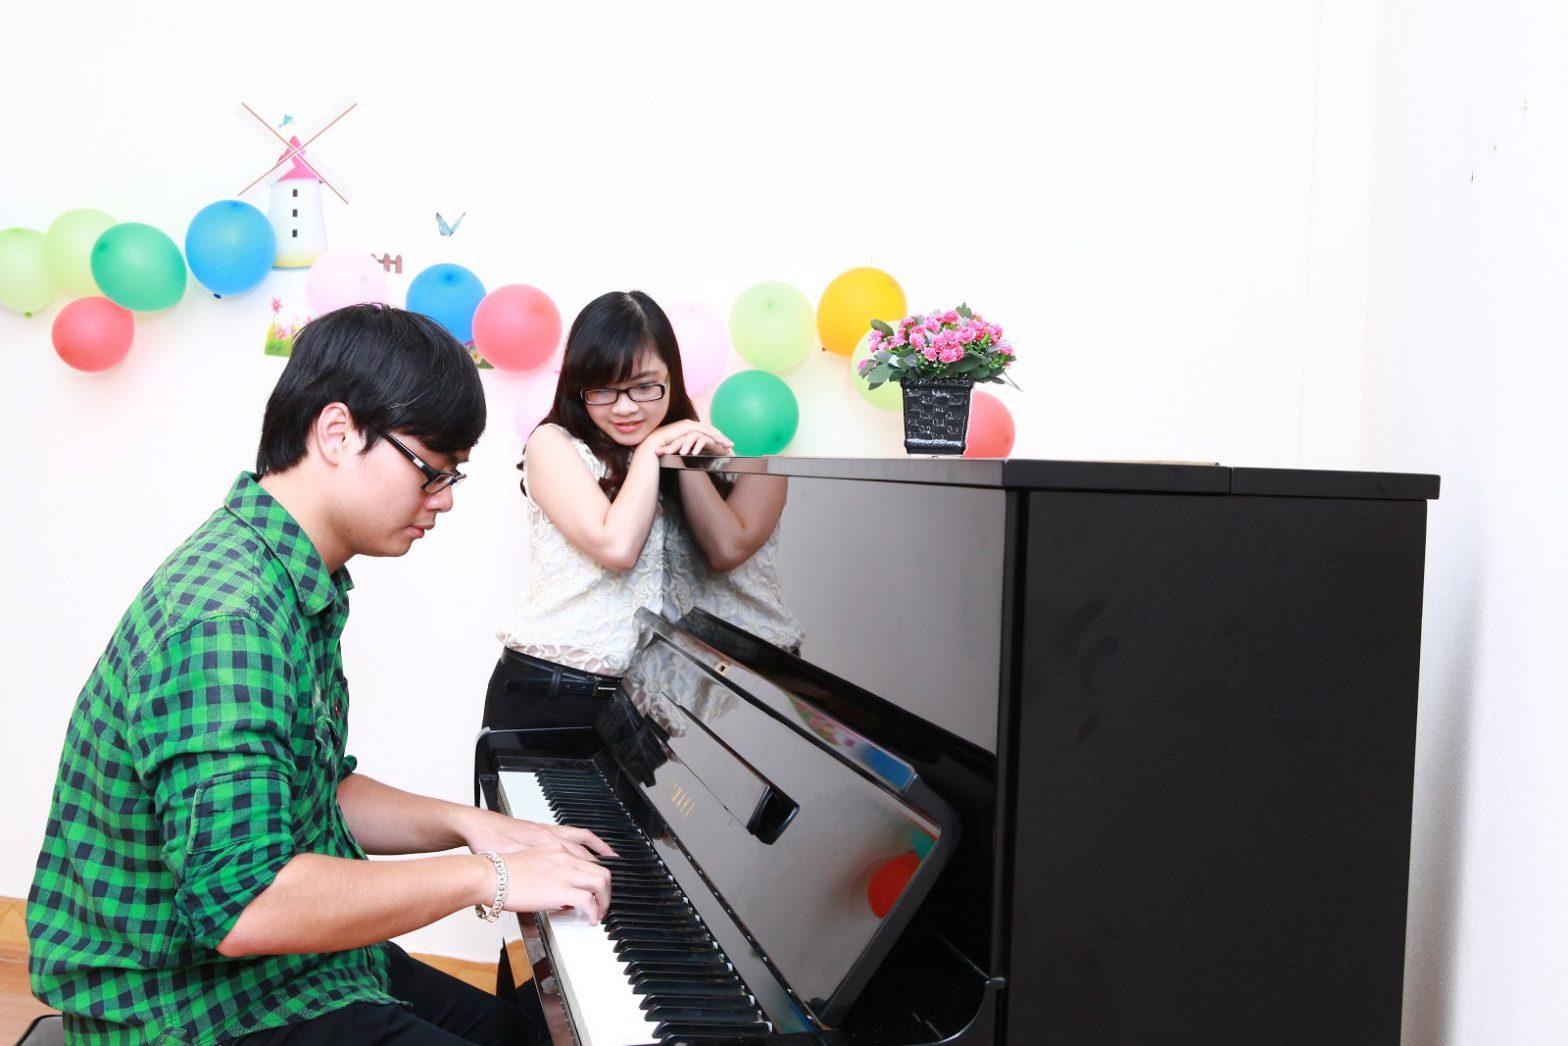 Linh hoạt trong việc chọn bài học mình thích là ưu điểm của khóa học Piano trực tuyến